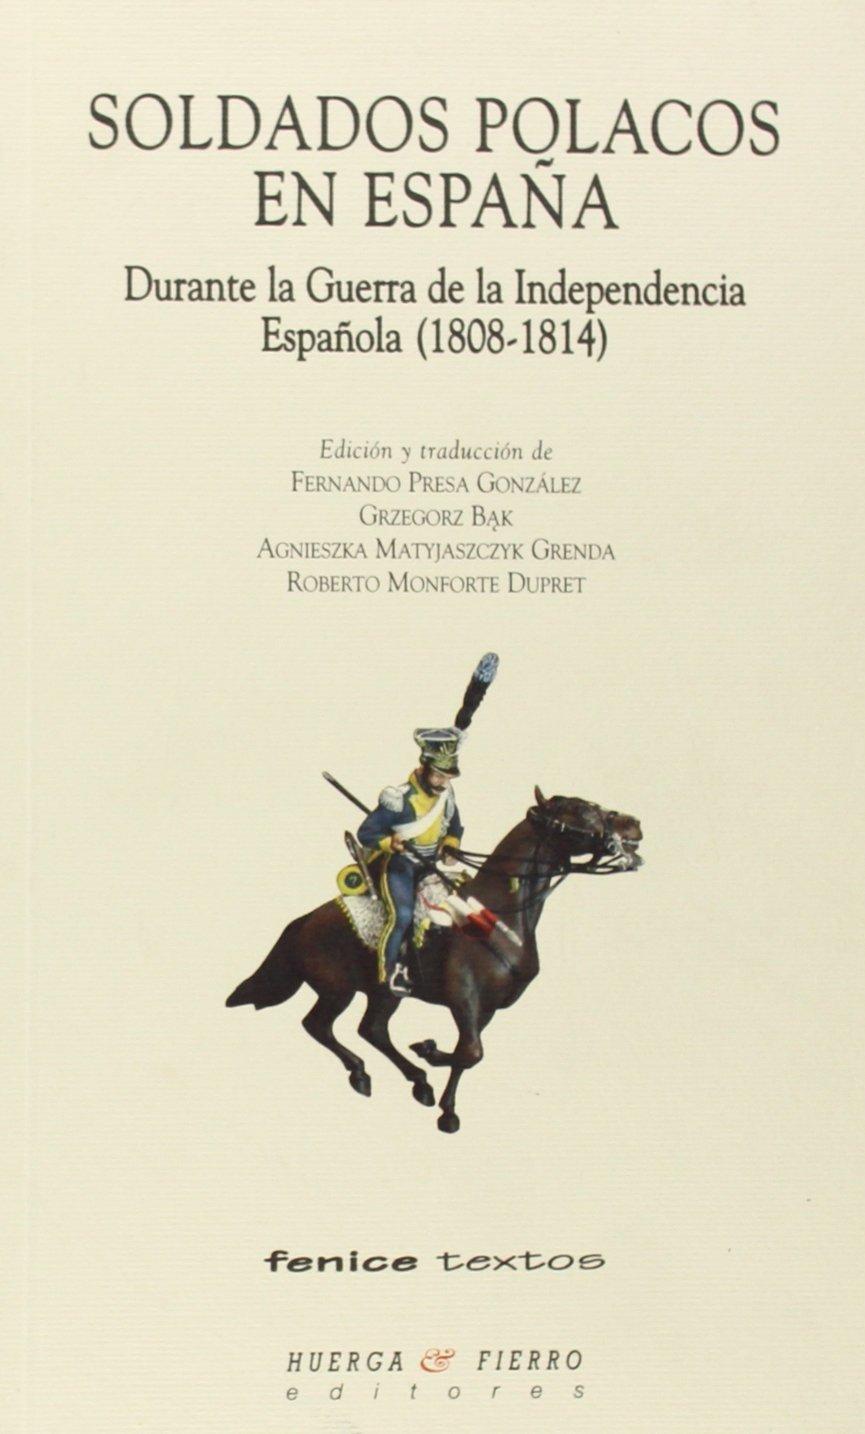 Soldados polacos en España : durante la Guerra de la Independencia Española 1808-1814 Fenice textos de Fernando 1961- Presa González 15 dic 2004 Tapa blanda: Amazon.es: Libros